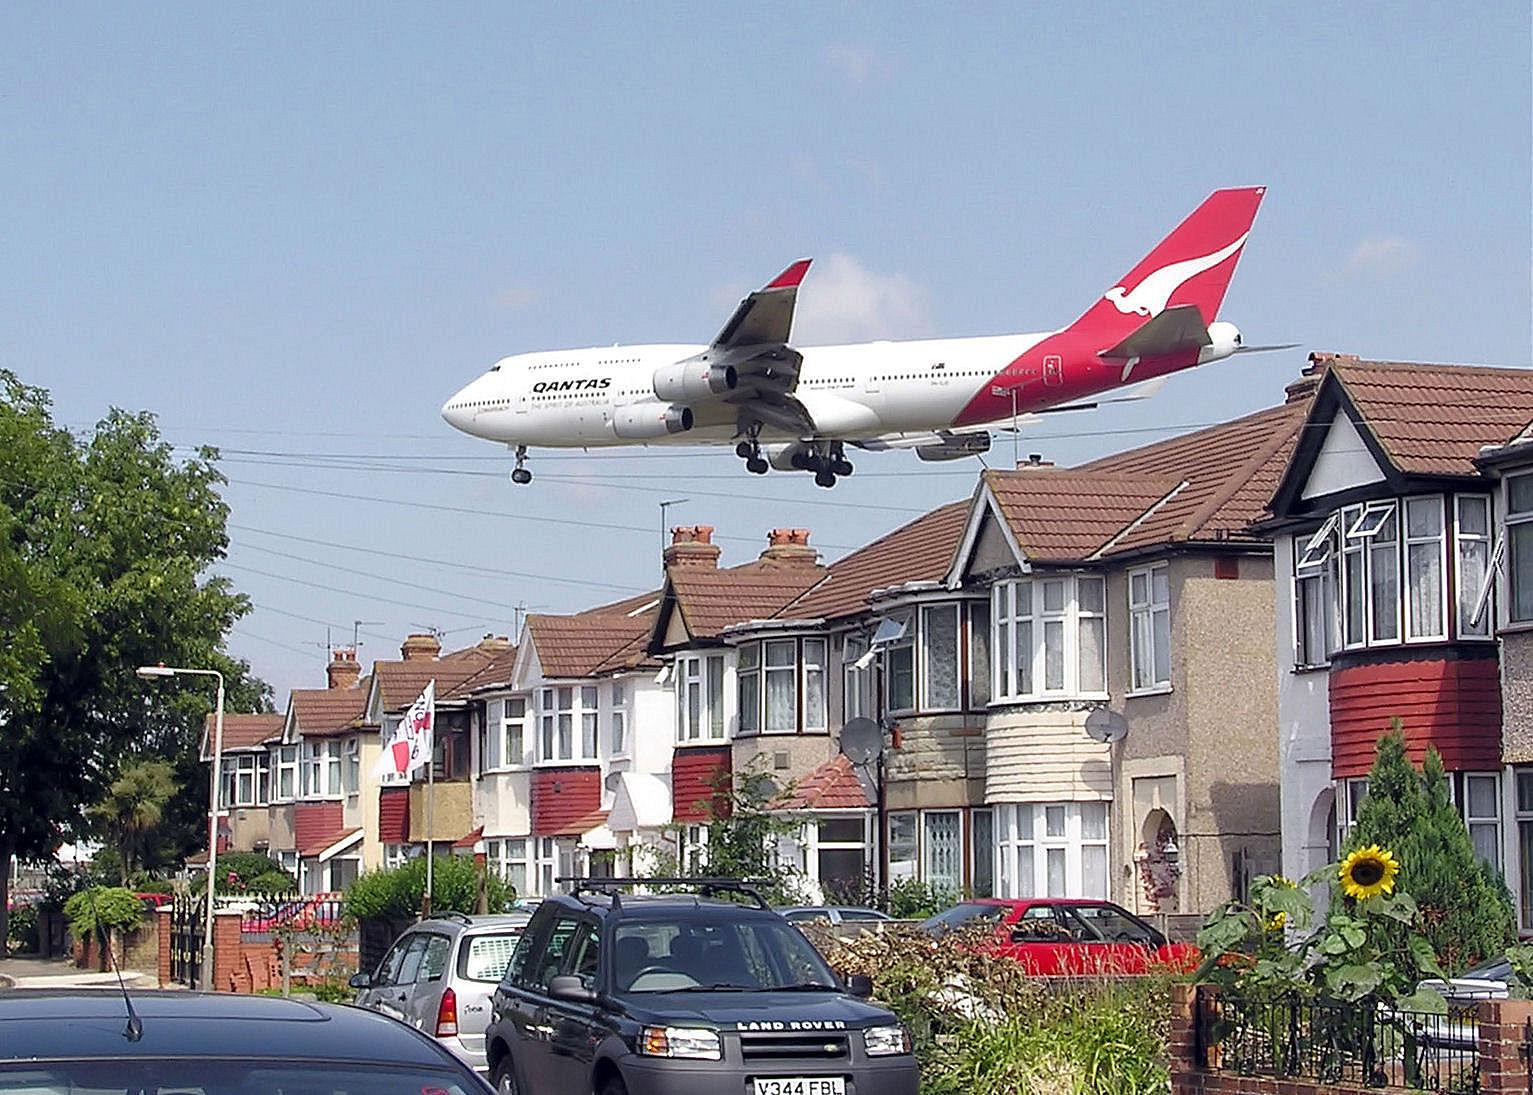 747_over_houses_arp.jpg